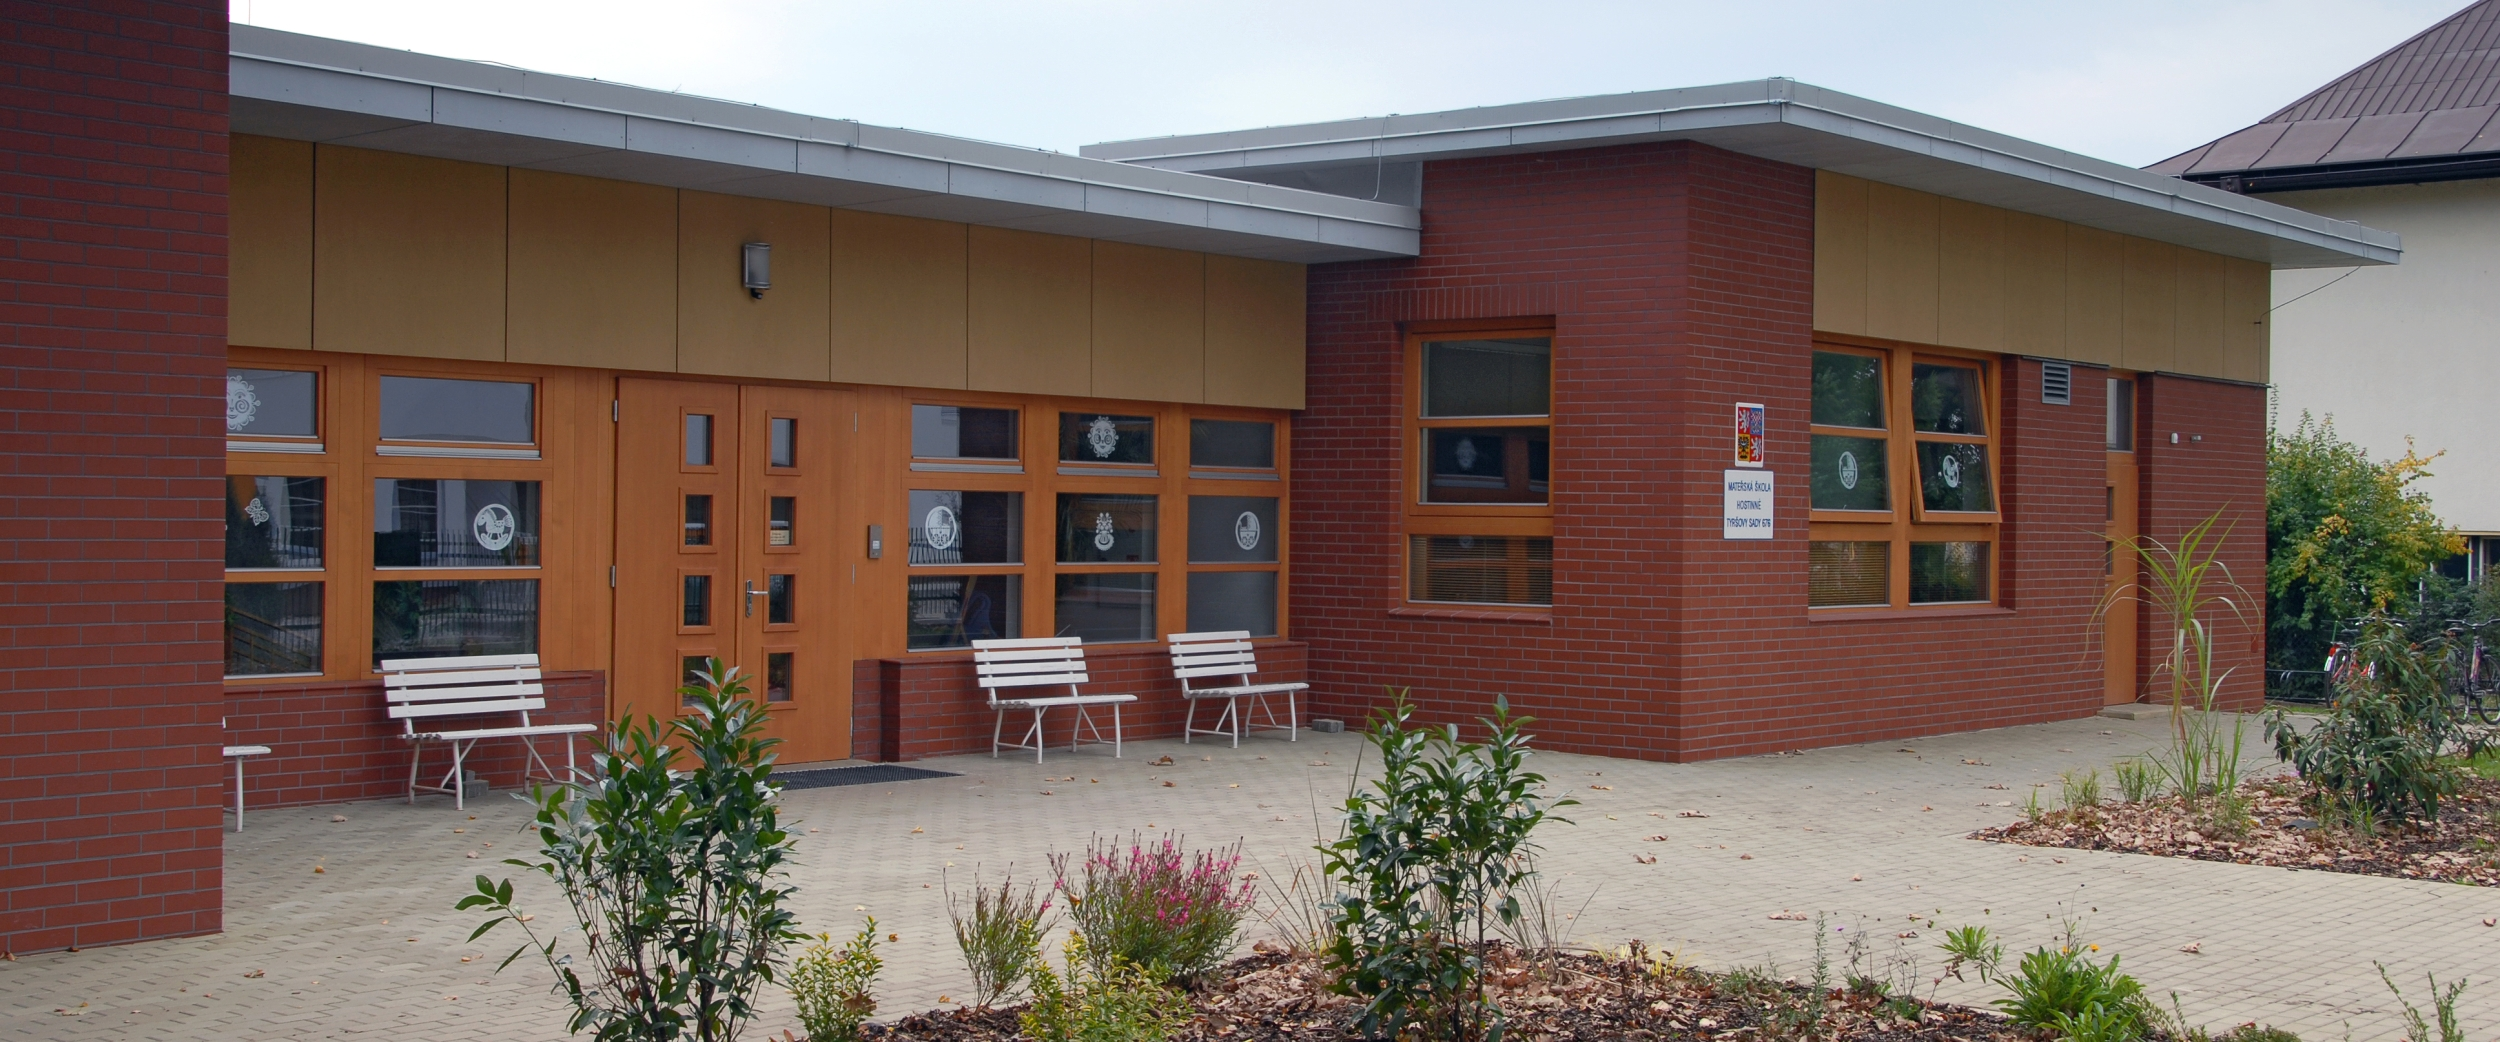 Mateřská školka v Hostinném - Stavba roku Královehradeckého kraje 2008